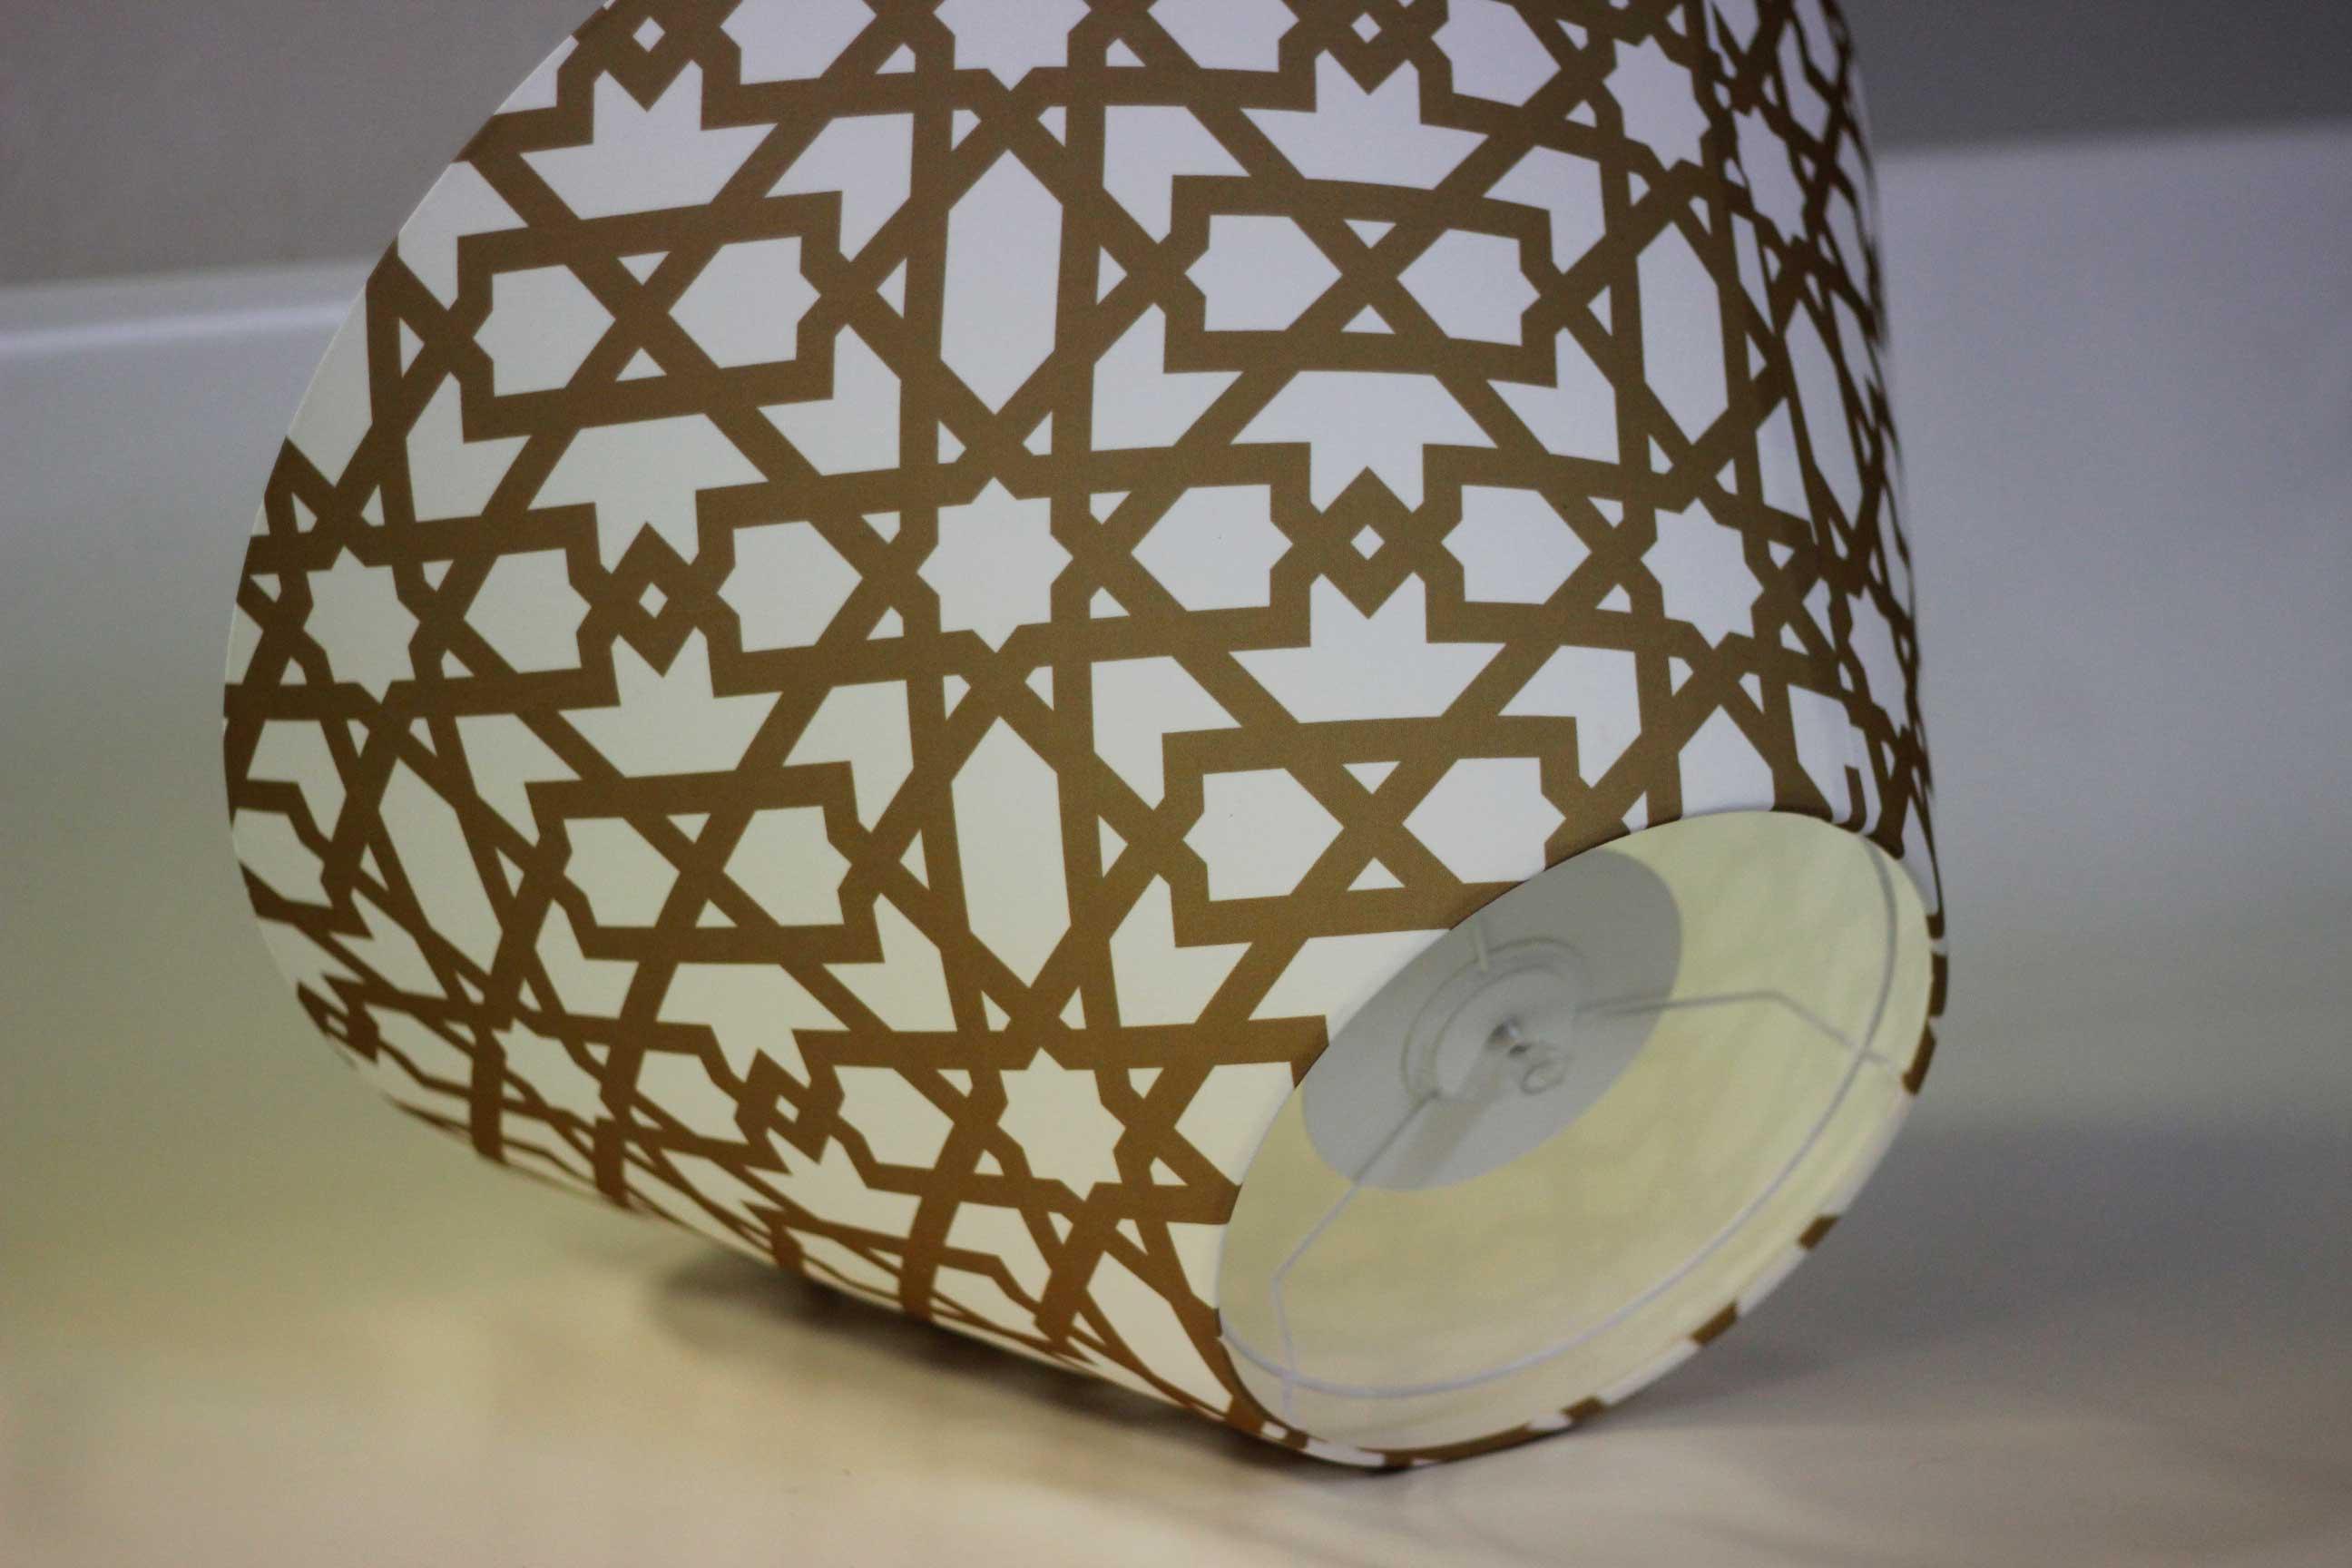 Pantalla para lampara personalizada con la imagen de la celosía de Cervezas Alhambra fabricada por Portage